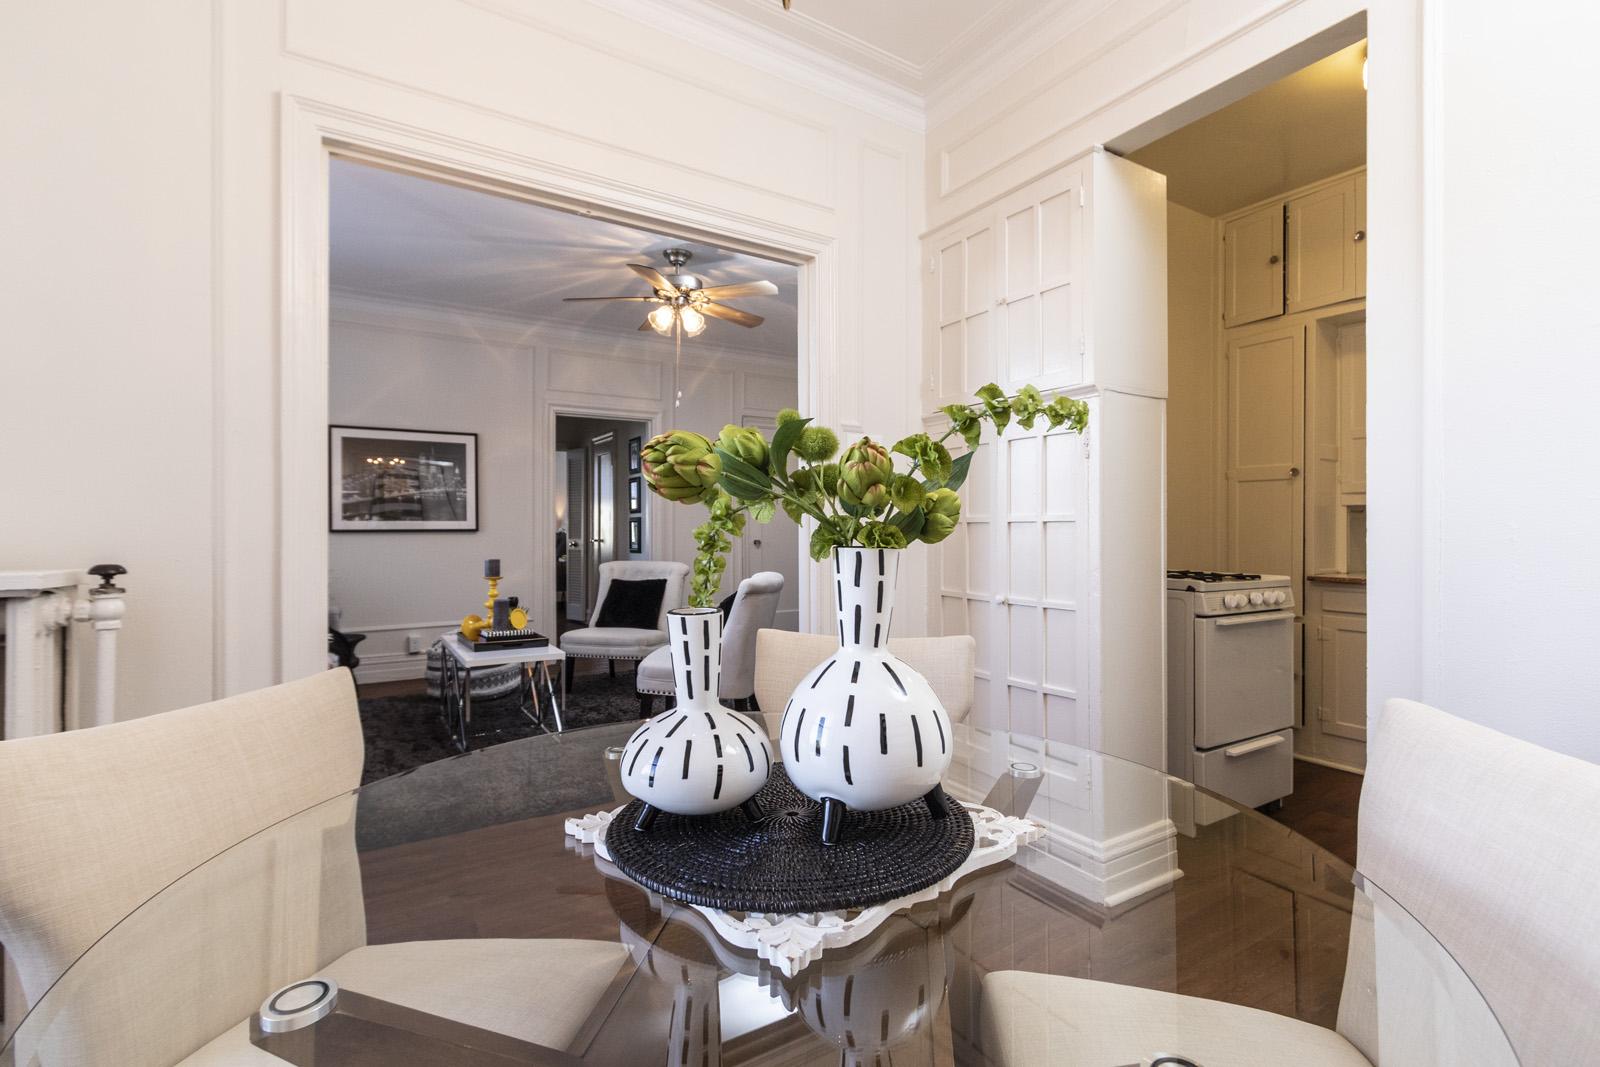 Hawthorne-Dining room-Livingroom